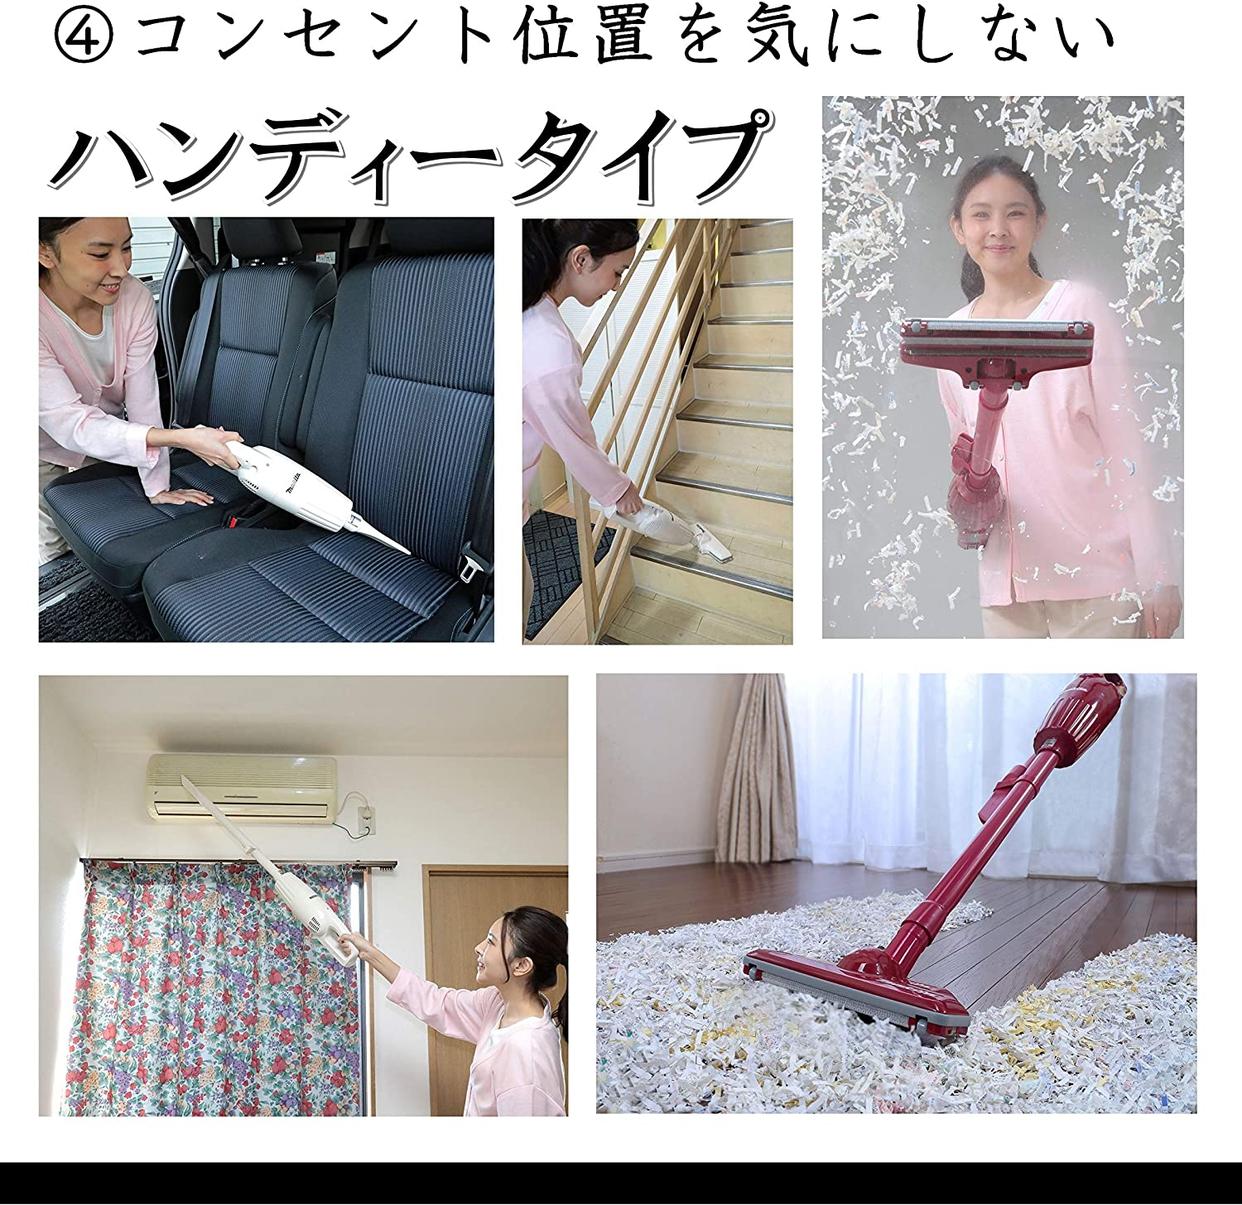 makita(マキタ) 充電式クリーナ CL110DWの商品画像6